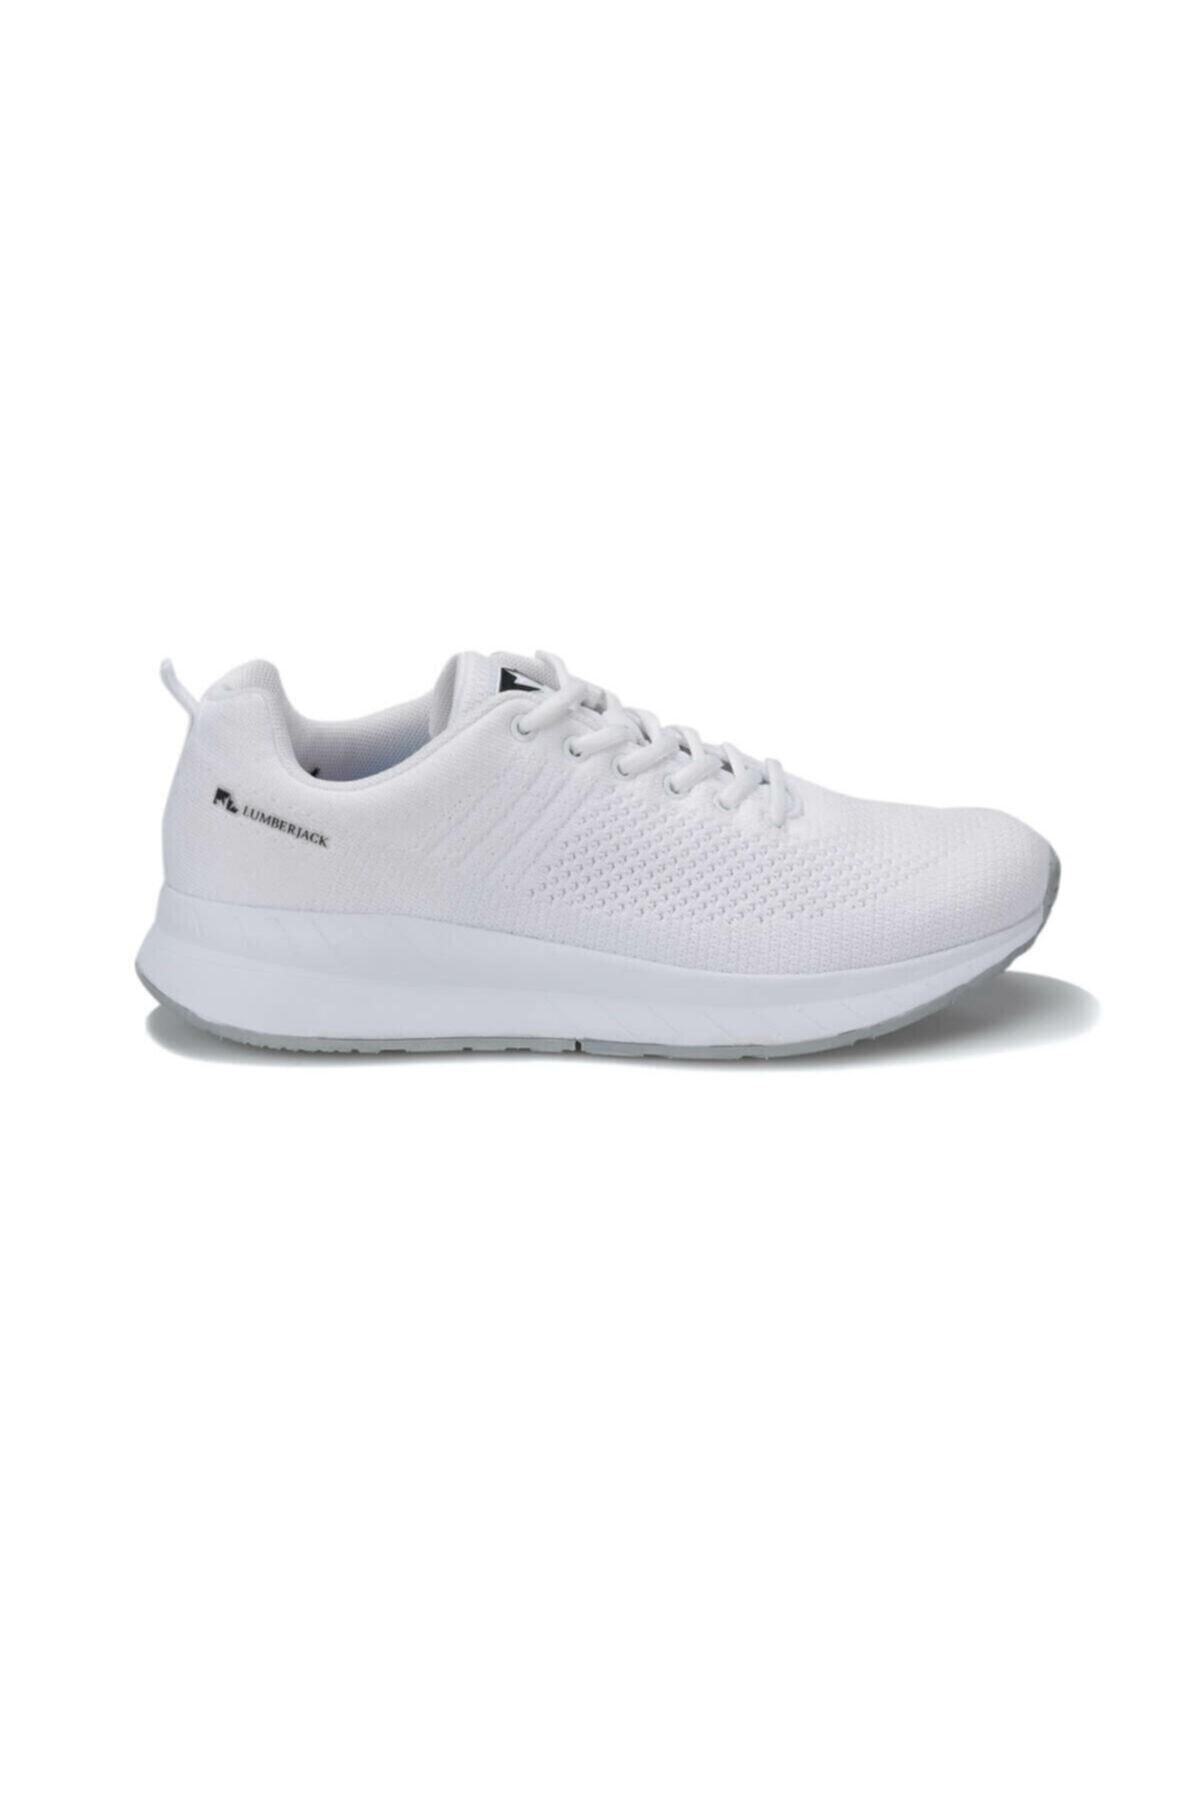 lumberjack Connect Beyaz Erkek Koşu Ayakkabısı 100353821 1